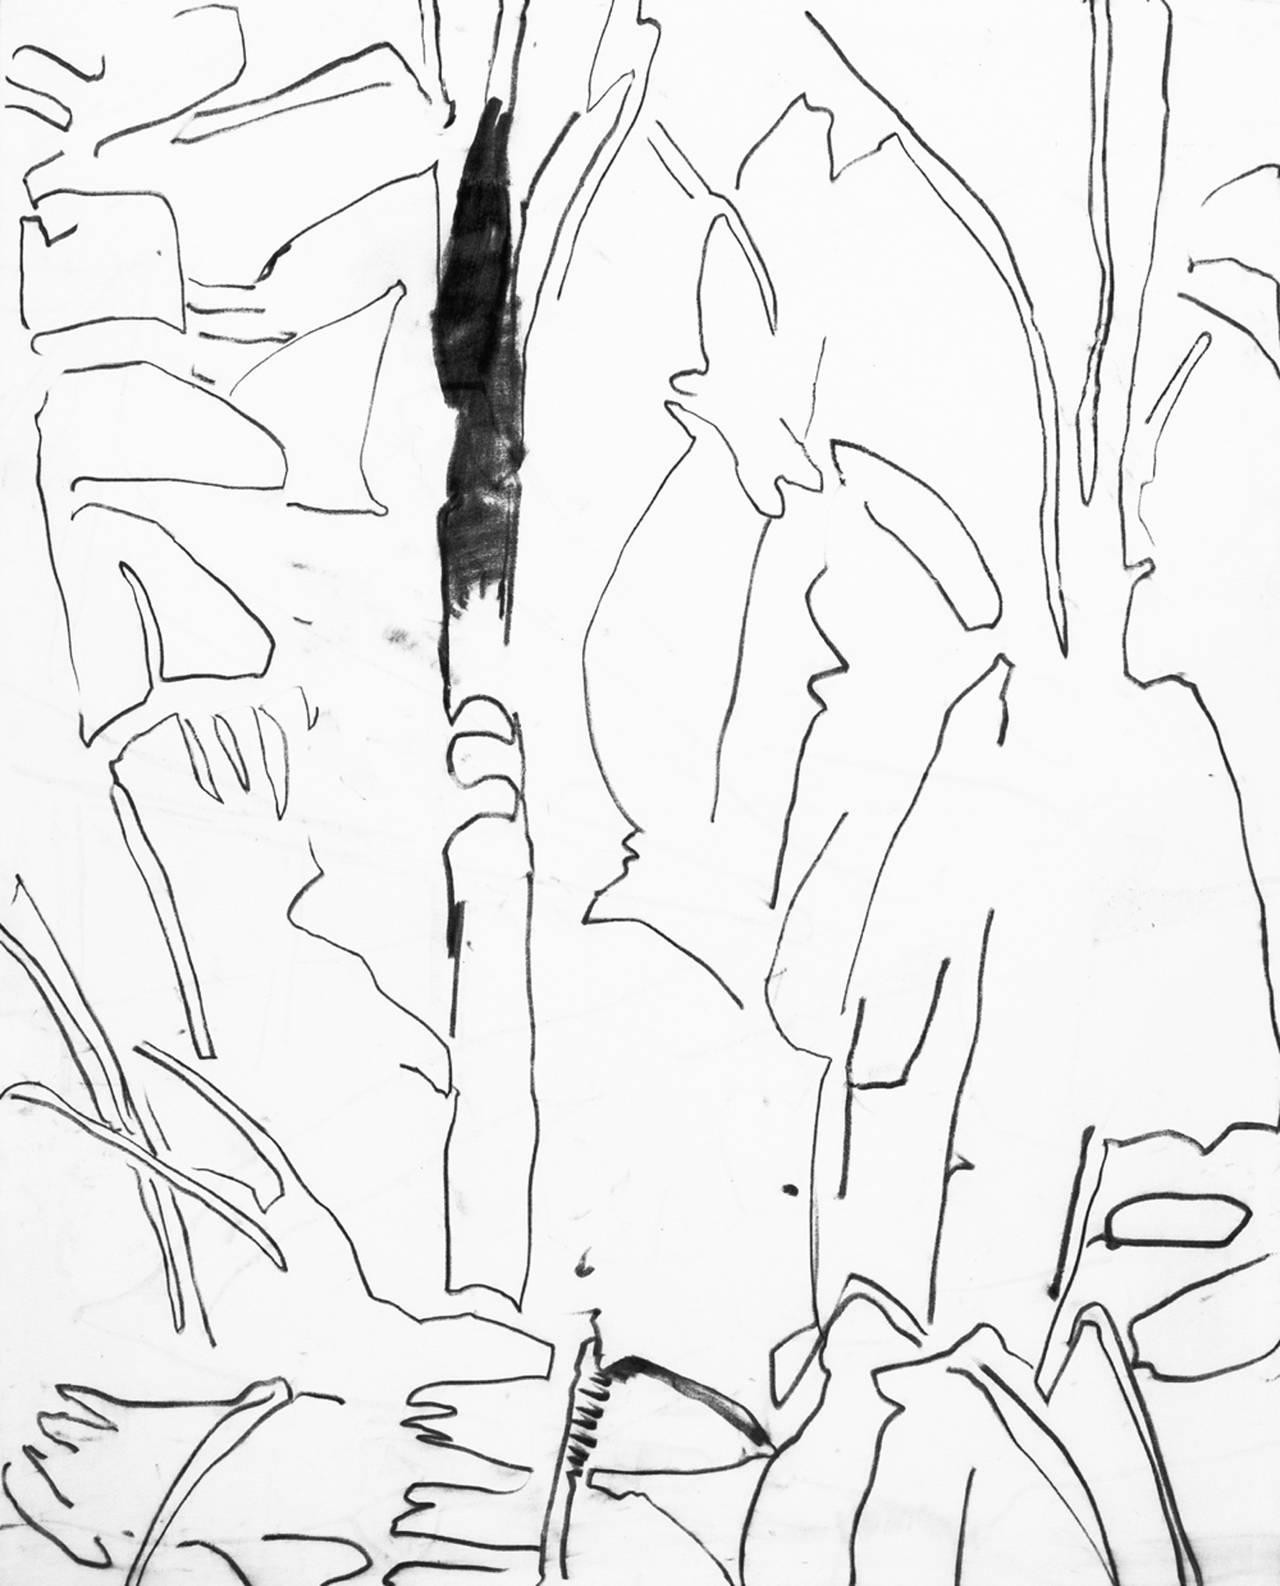 Ensete galucum 198x162 pastello grasso su tela bianca